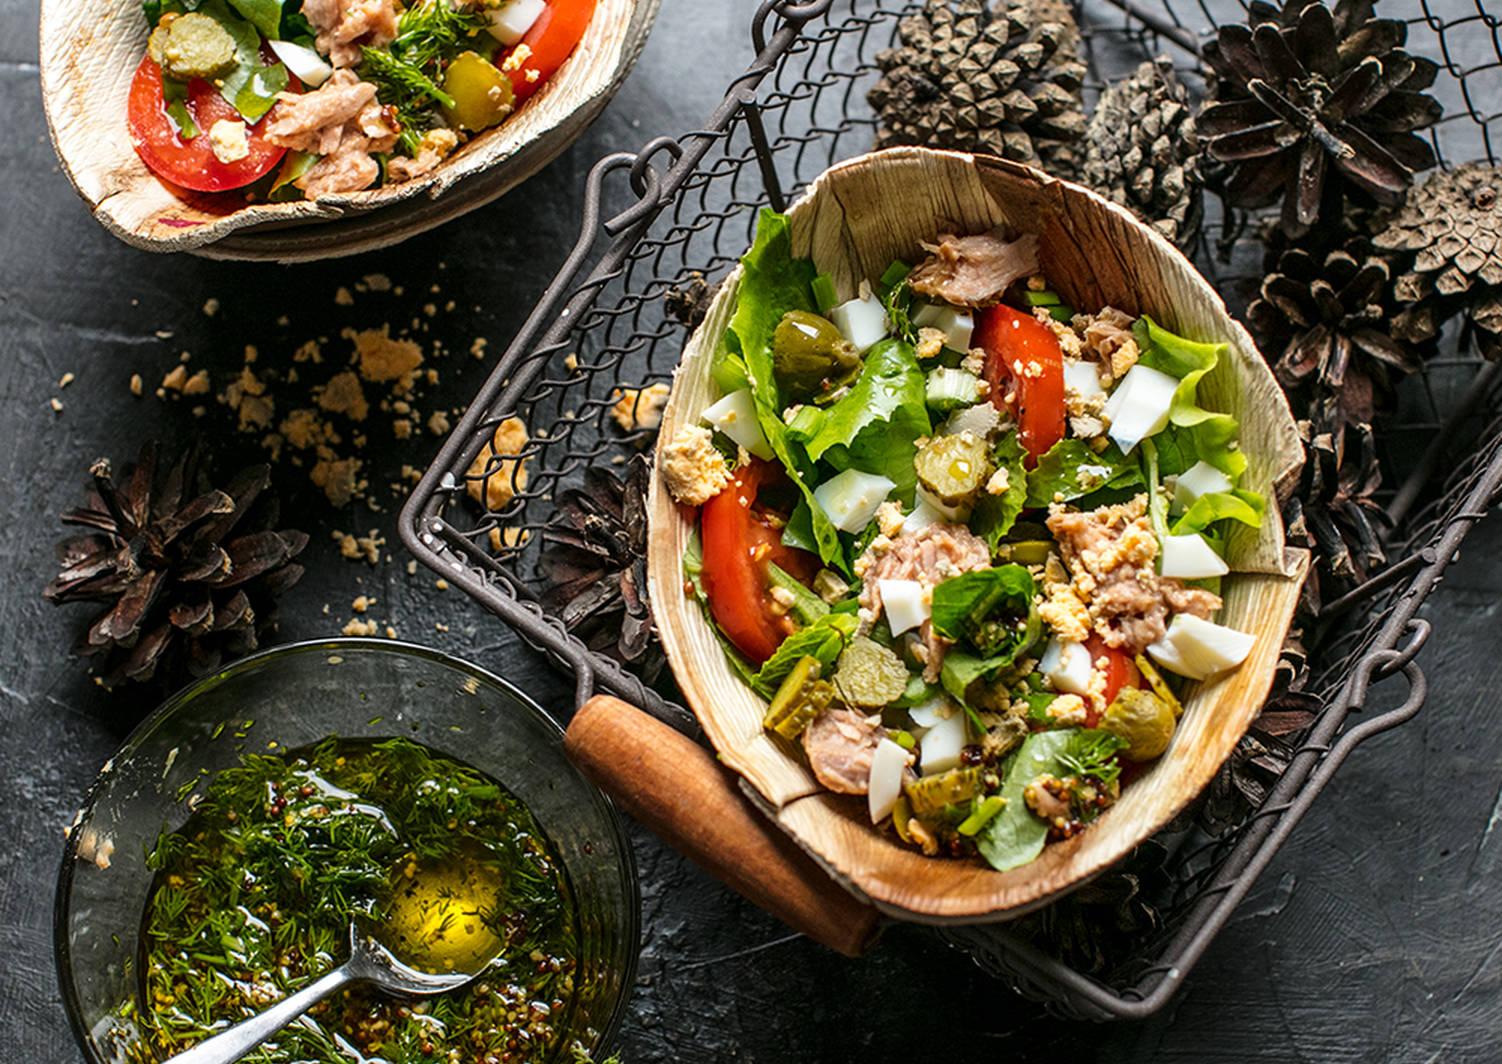 подарок кухни мира рецепты фото салаты только одного, нескольких